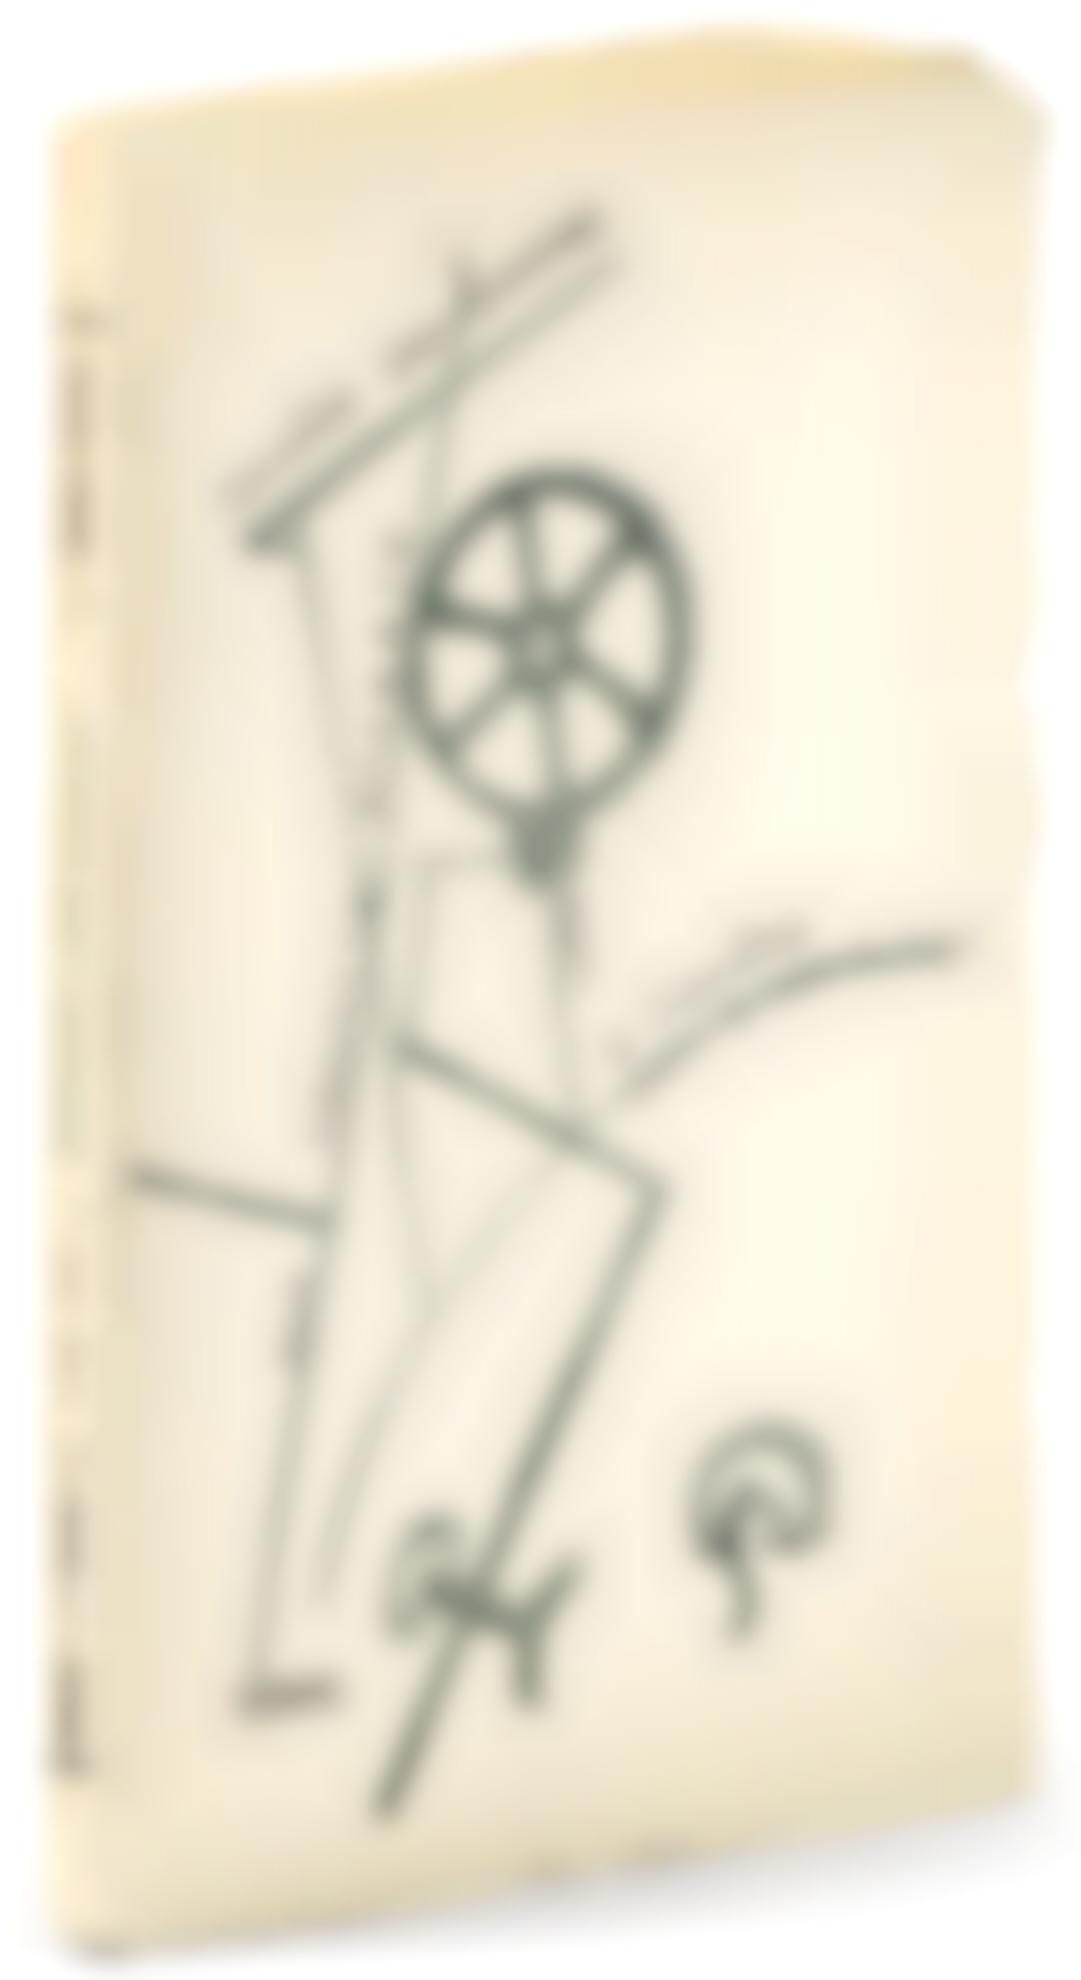 Francis Picabia-Pensees Sans Langage, Paris, Paris, Figuiere, 1919-1919